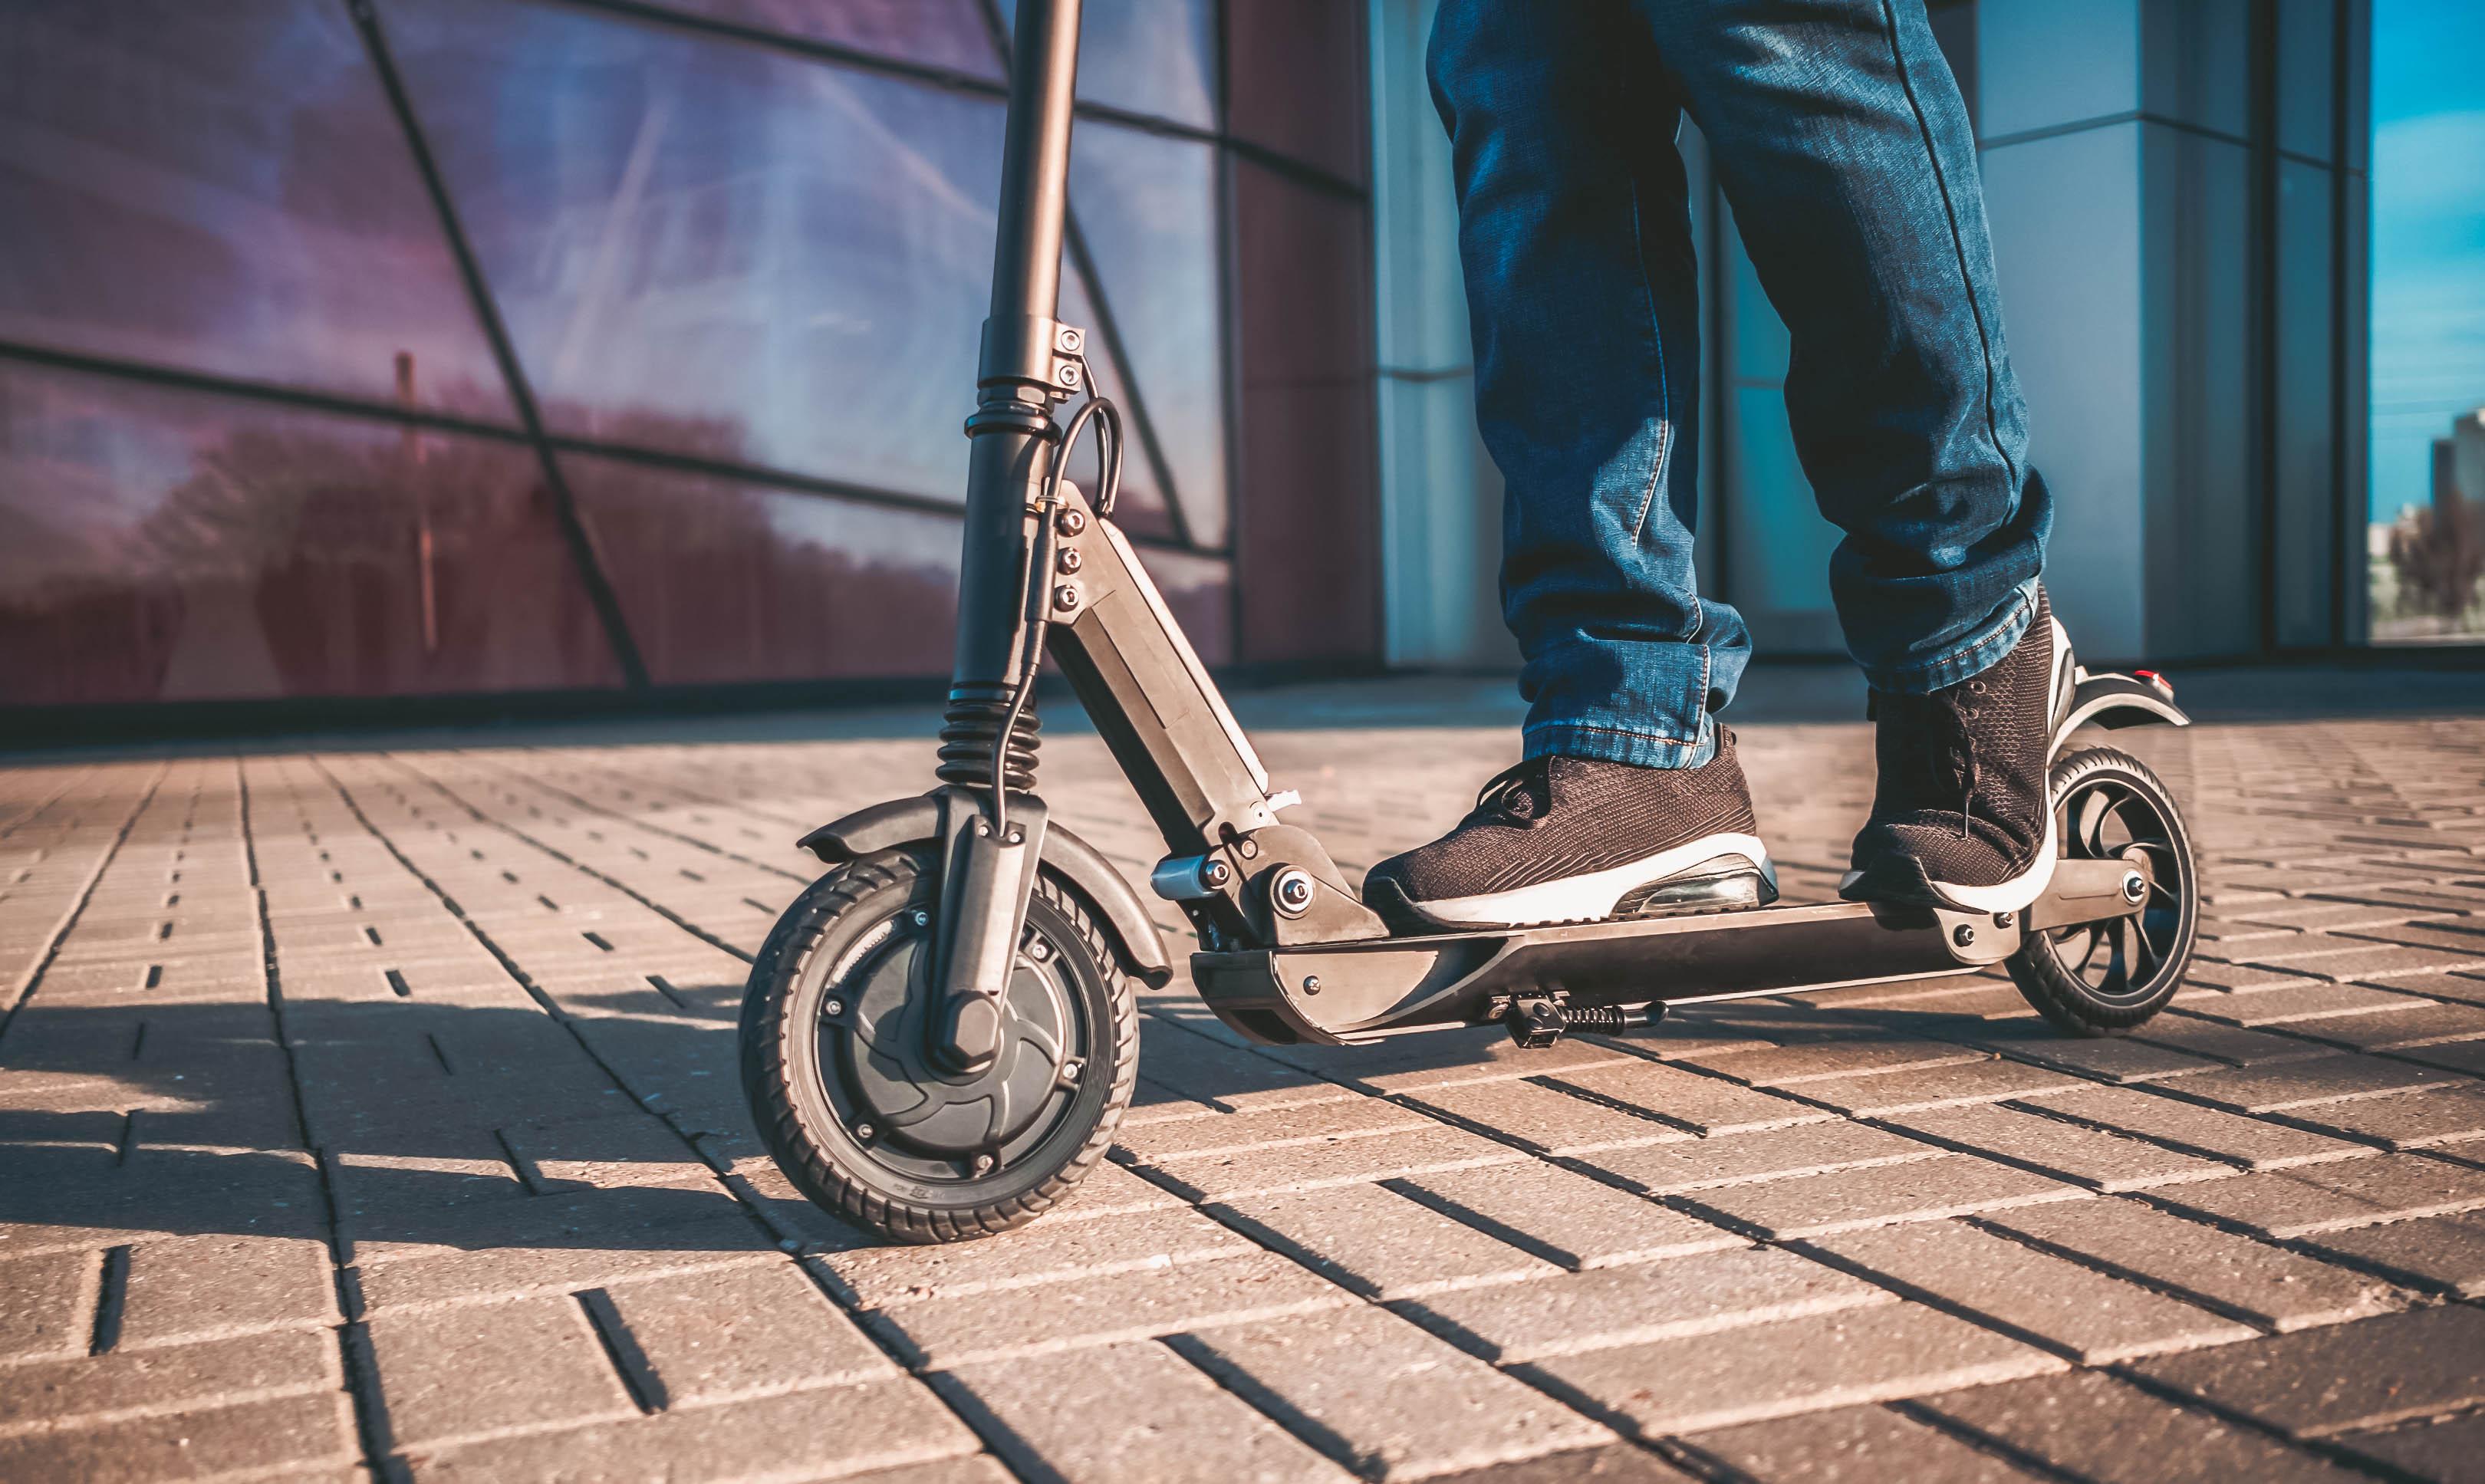 Навстречу ветру: где в Екатеринбурге арендовать велосипед, самокат, гироскутер